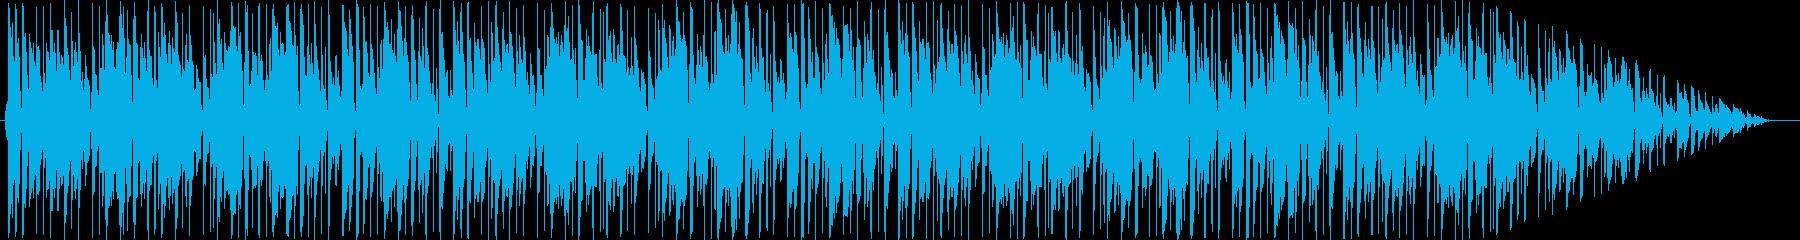 広告音楽。フランジギターとベース。...の再生済みの波形